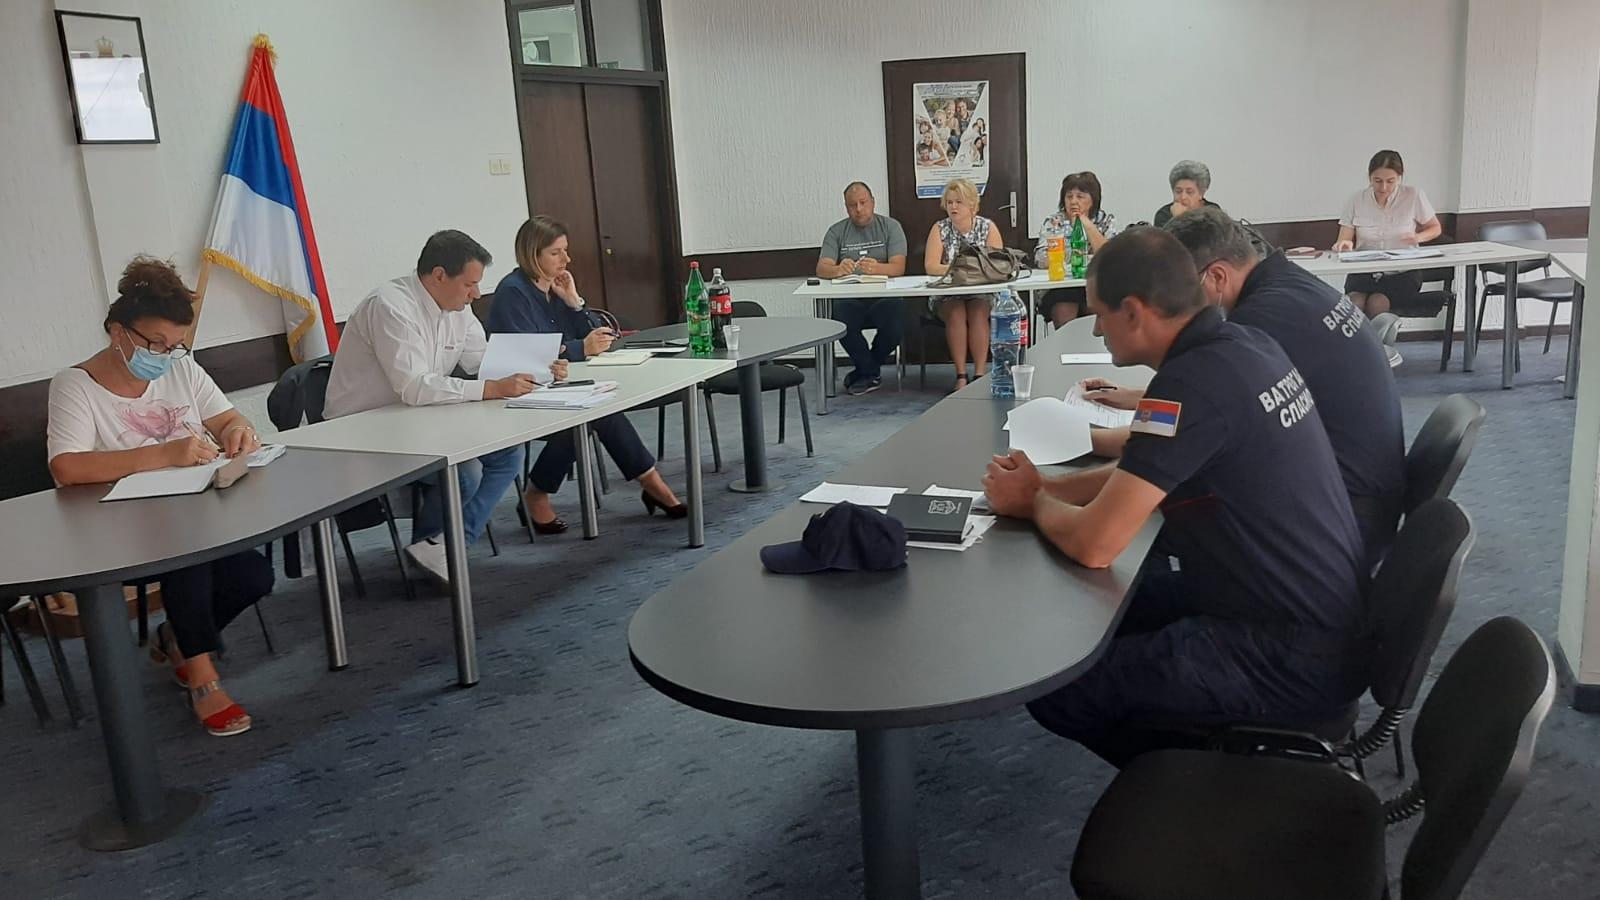 Заседао Штаб за ванредне ситуације у Тополи: Стижу алге за депонију у Торовима, ситуација са водоснабдевањем и даље неповољна